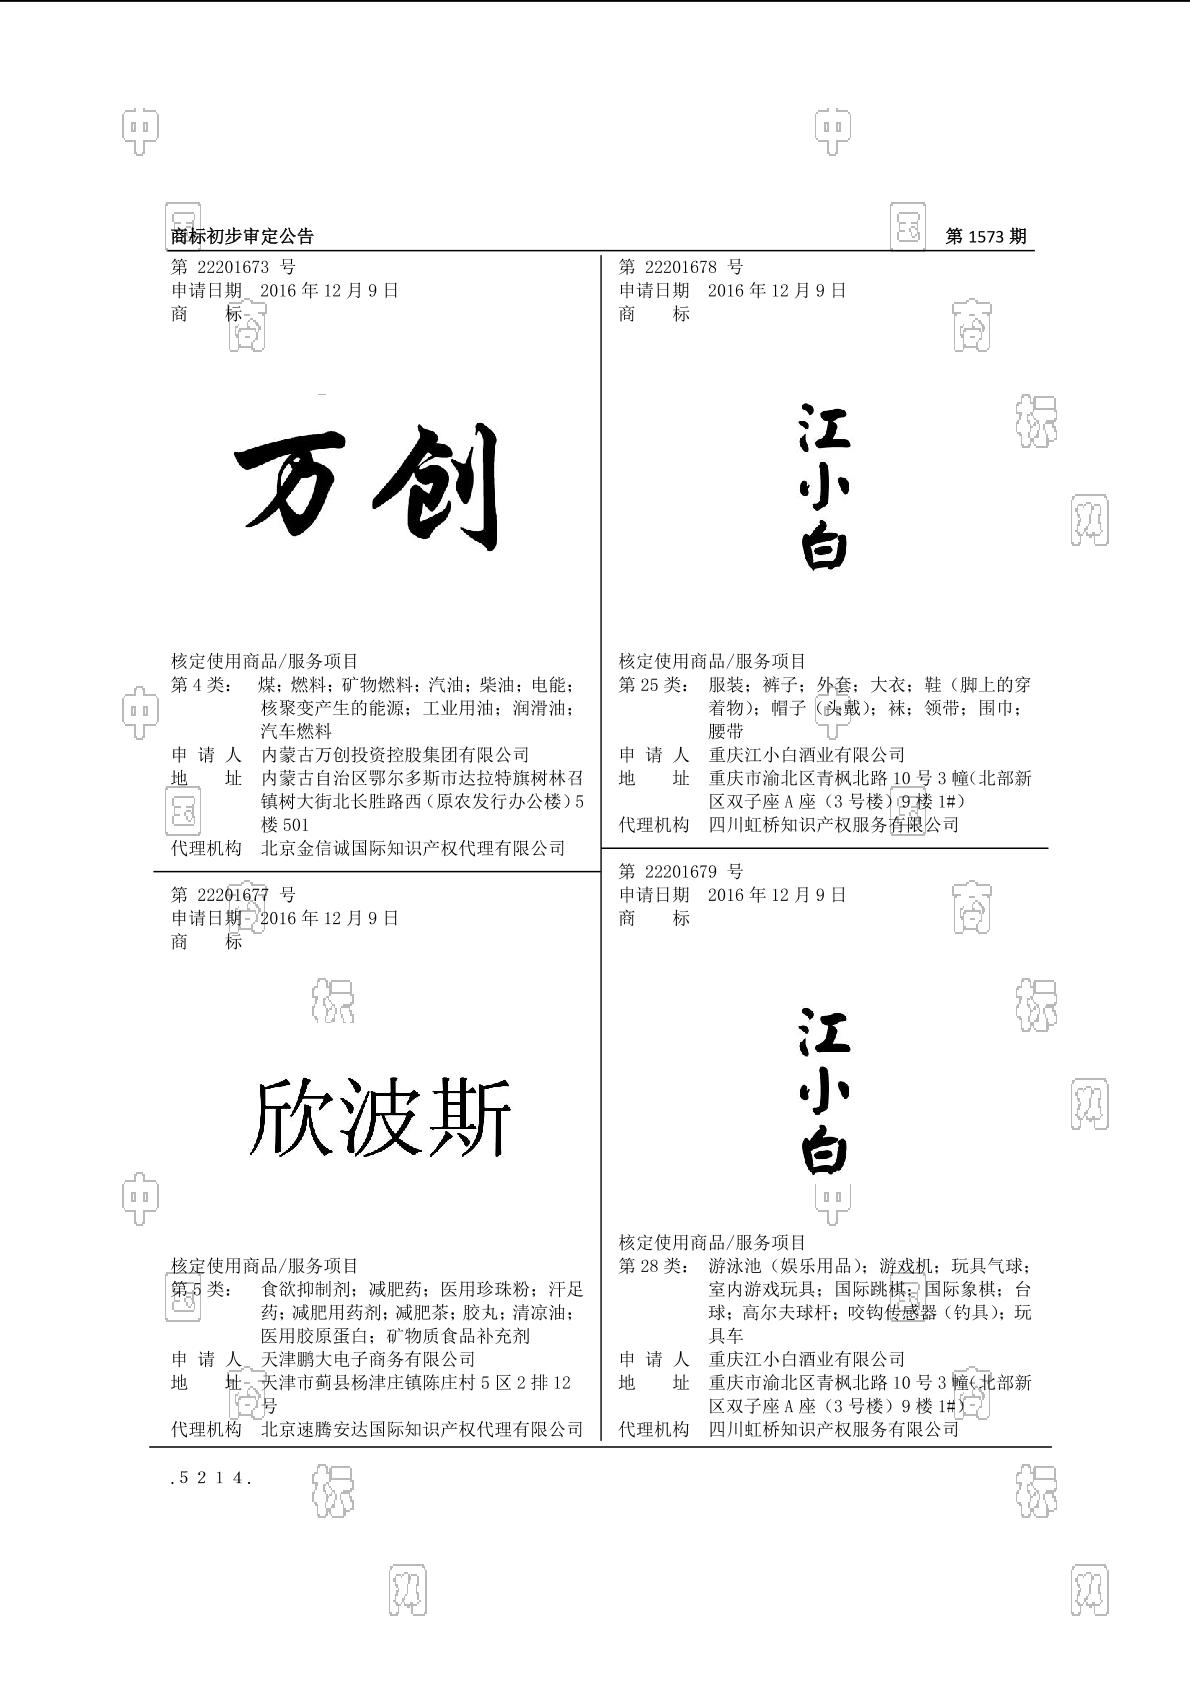 【社标网】江小白商标状态注册号信息 重庆江小白酒业有限公司商标信息-商标查询